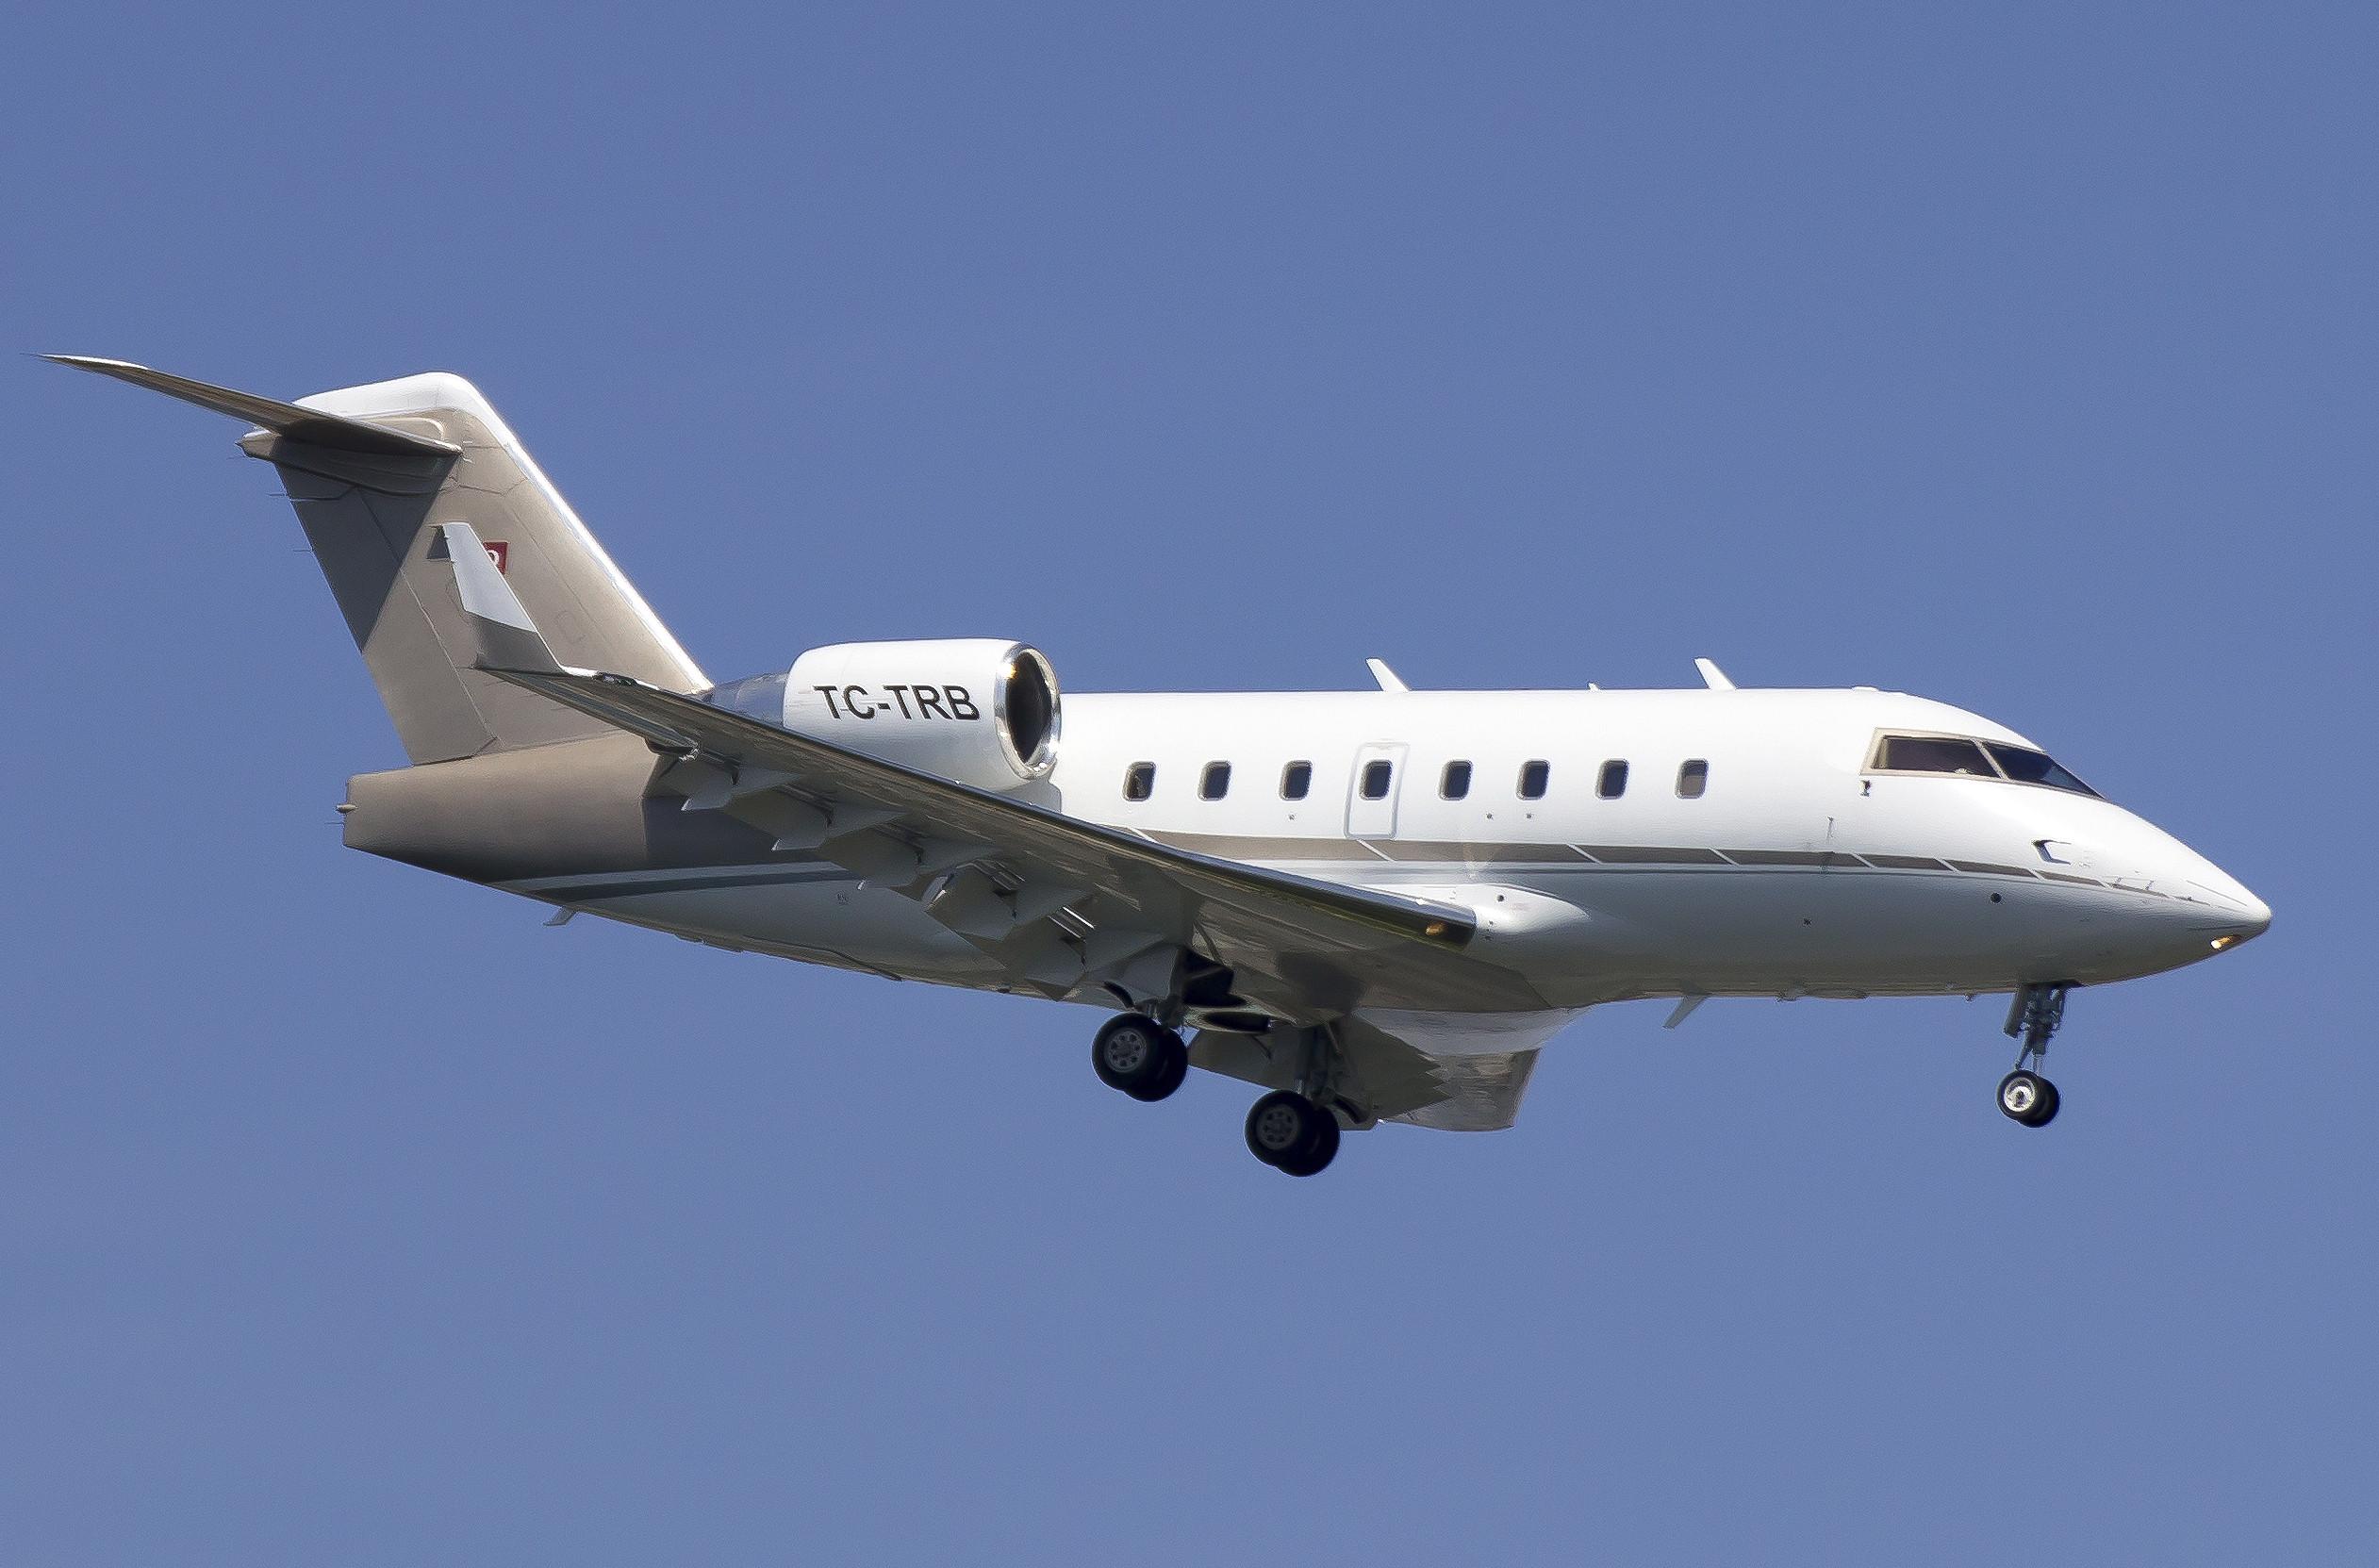 土耳其富商巴薩朗的28歲女兒米娜(Mina Basaran)和姐妹參加單身派對,全程墜機全罹難。失事飛機則是加拿大龐巴迪公司製造的CL604,機尾編號為TC-TRB。(圖/達志影像/美聯社)